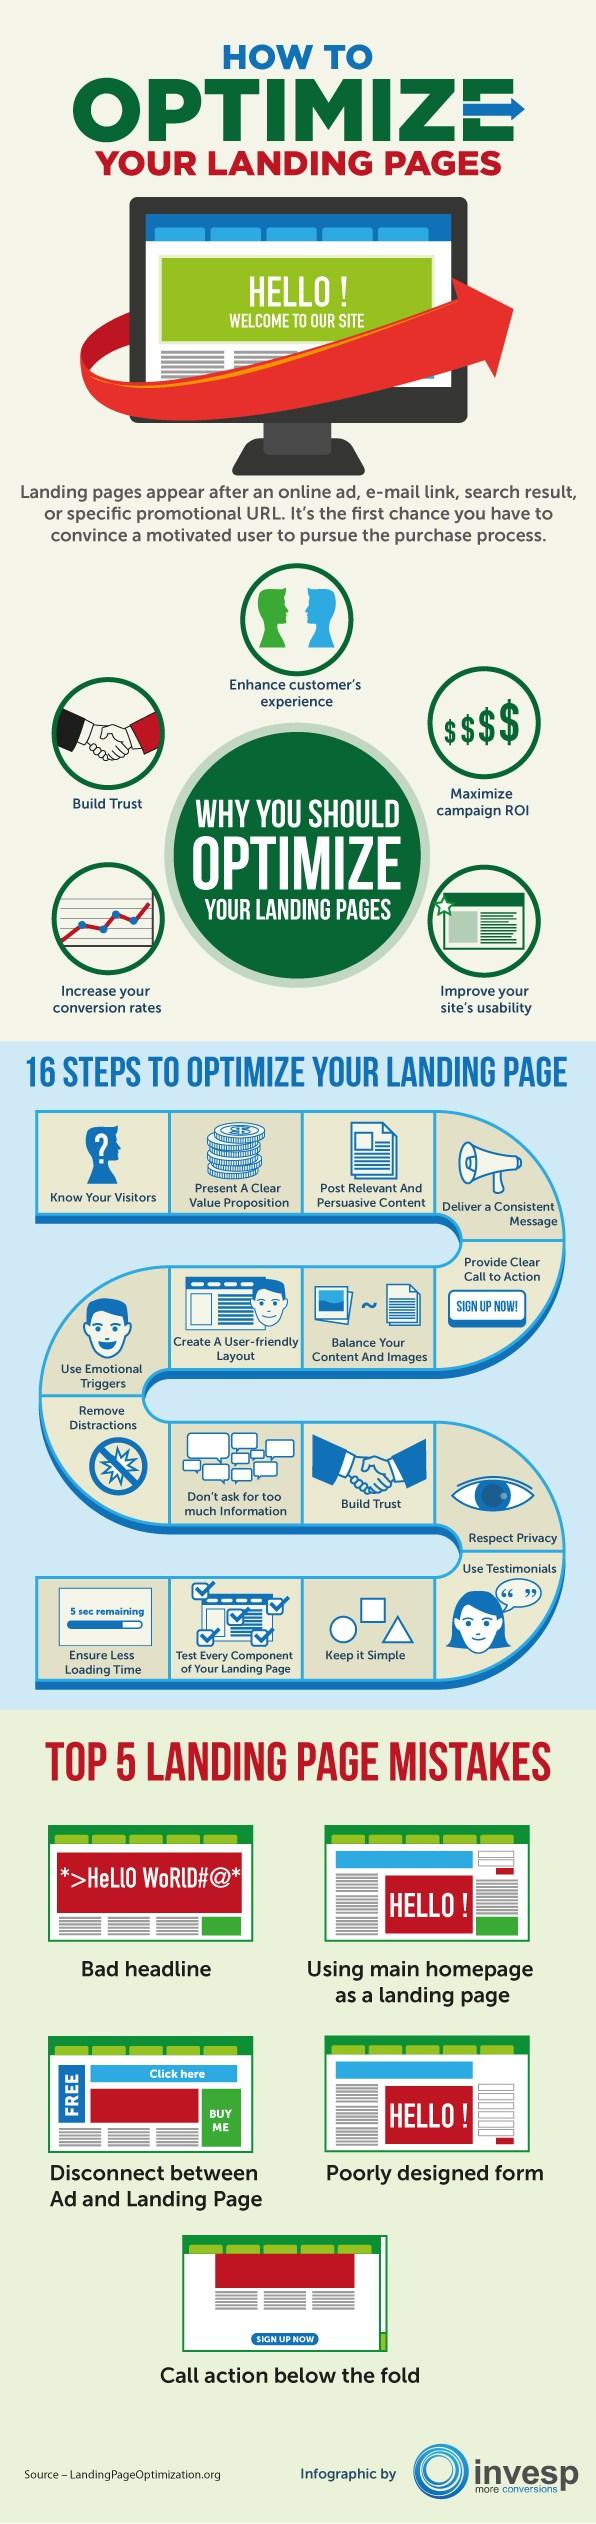 Optimize landing pages